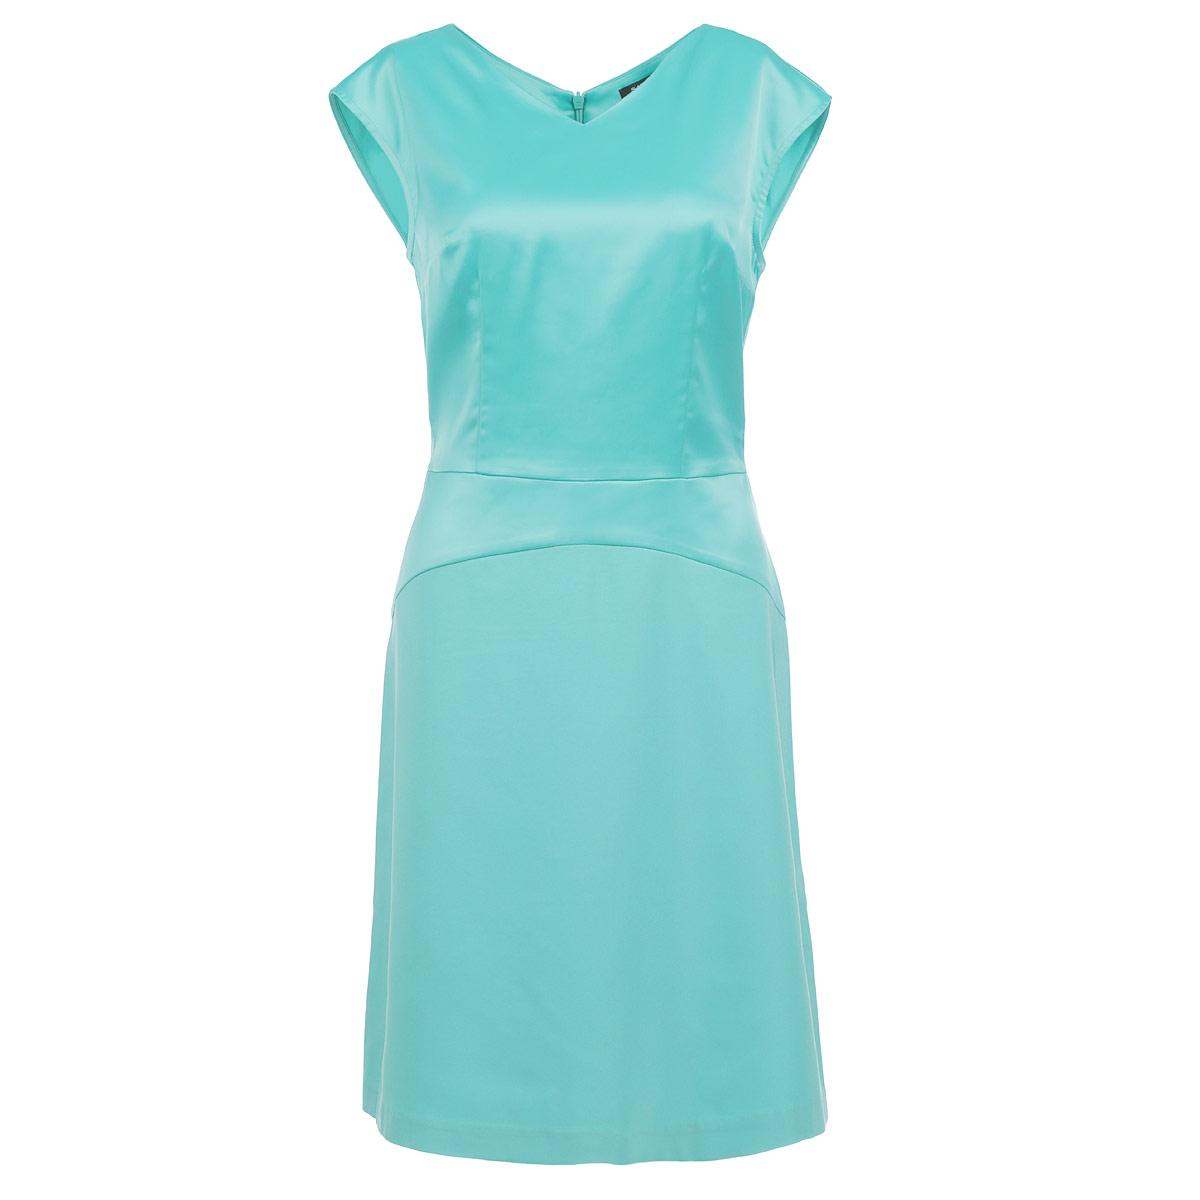 515509Элегантное платье Savage выполнено из плотного материала высокого качества. Модель приталенного силуэта с V-образным вырезом горловины и короткими рукавами-кимоно. На спинке платье застегивается на потайную молнию. Стильное платье подчеркнет достоинства вашей фигуры.